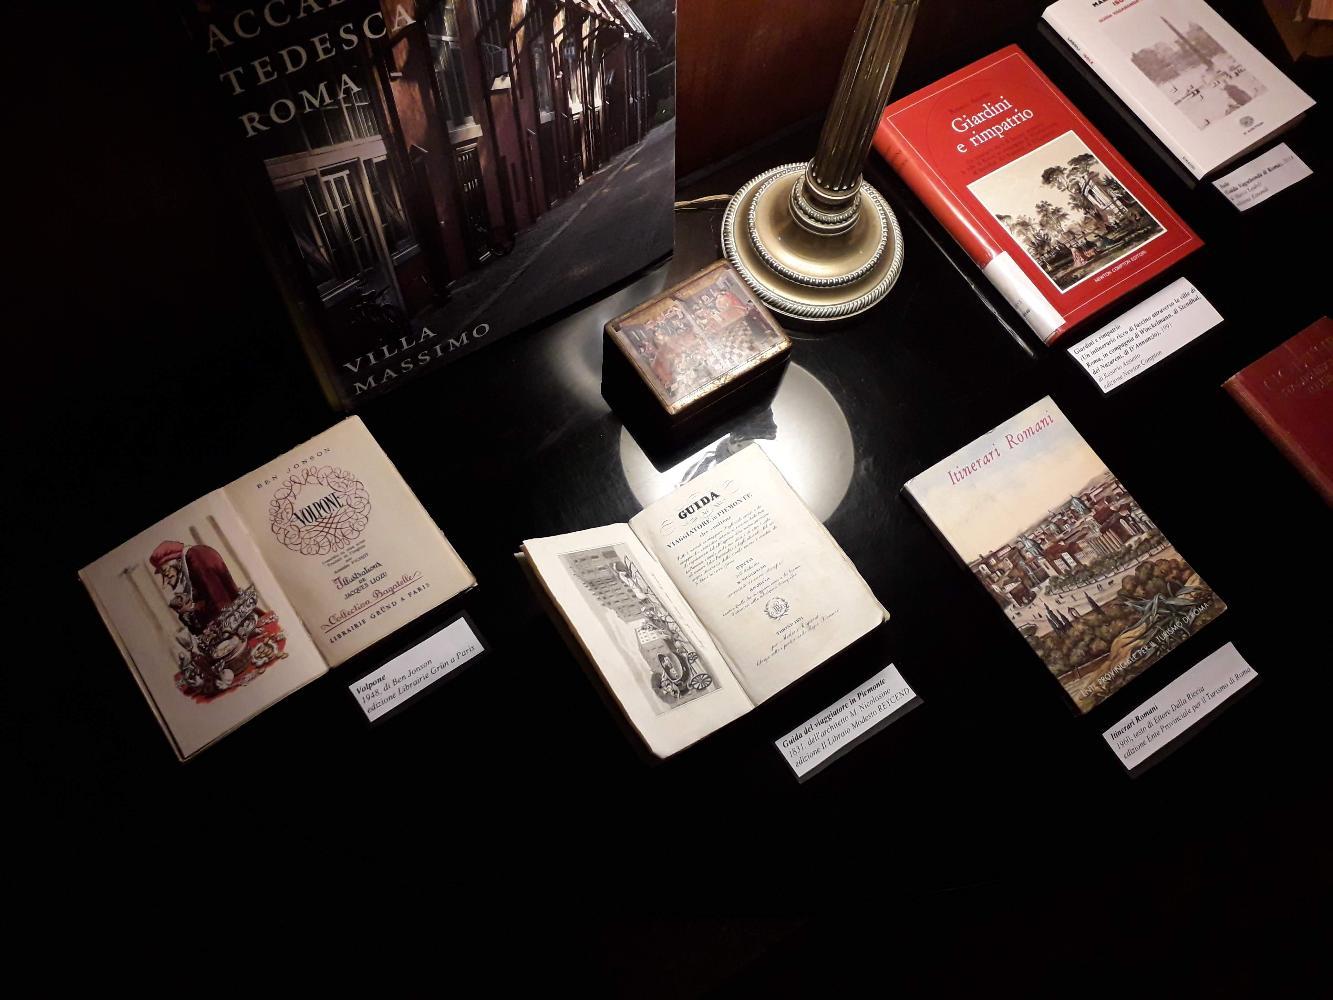 Mostra di libri tedeschi e liberty a Villa Torlonia. Piccola esposizione libraria dal Fondo